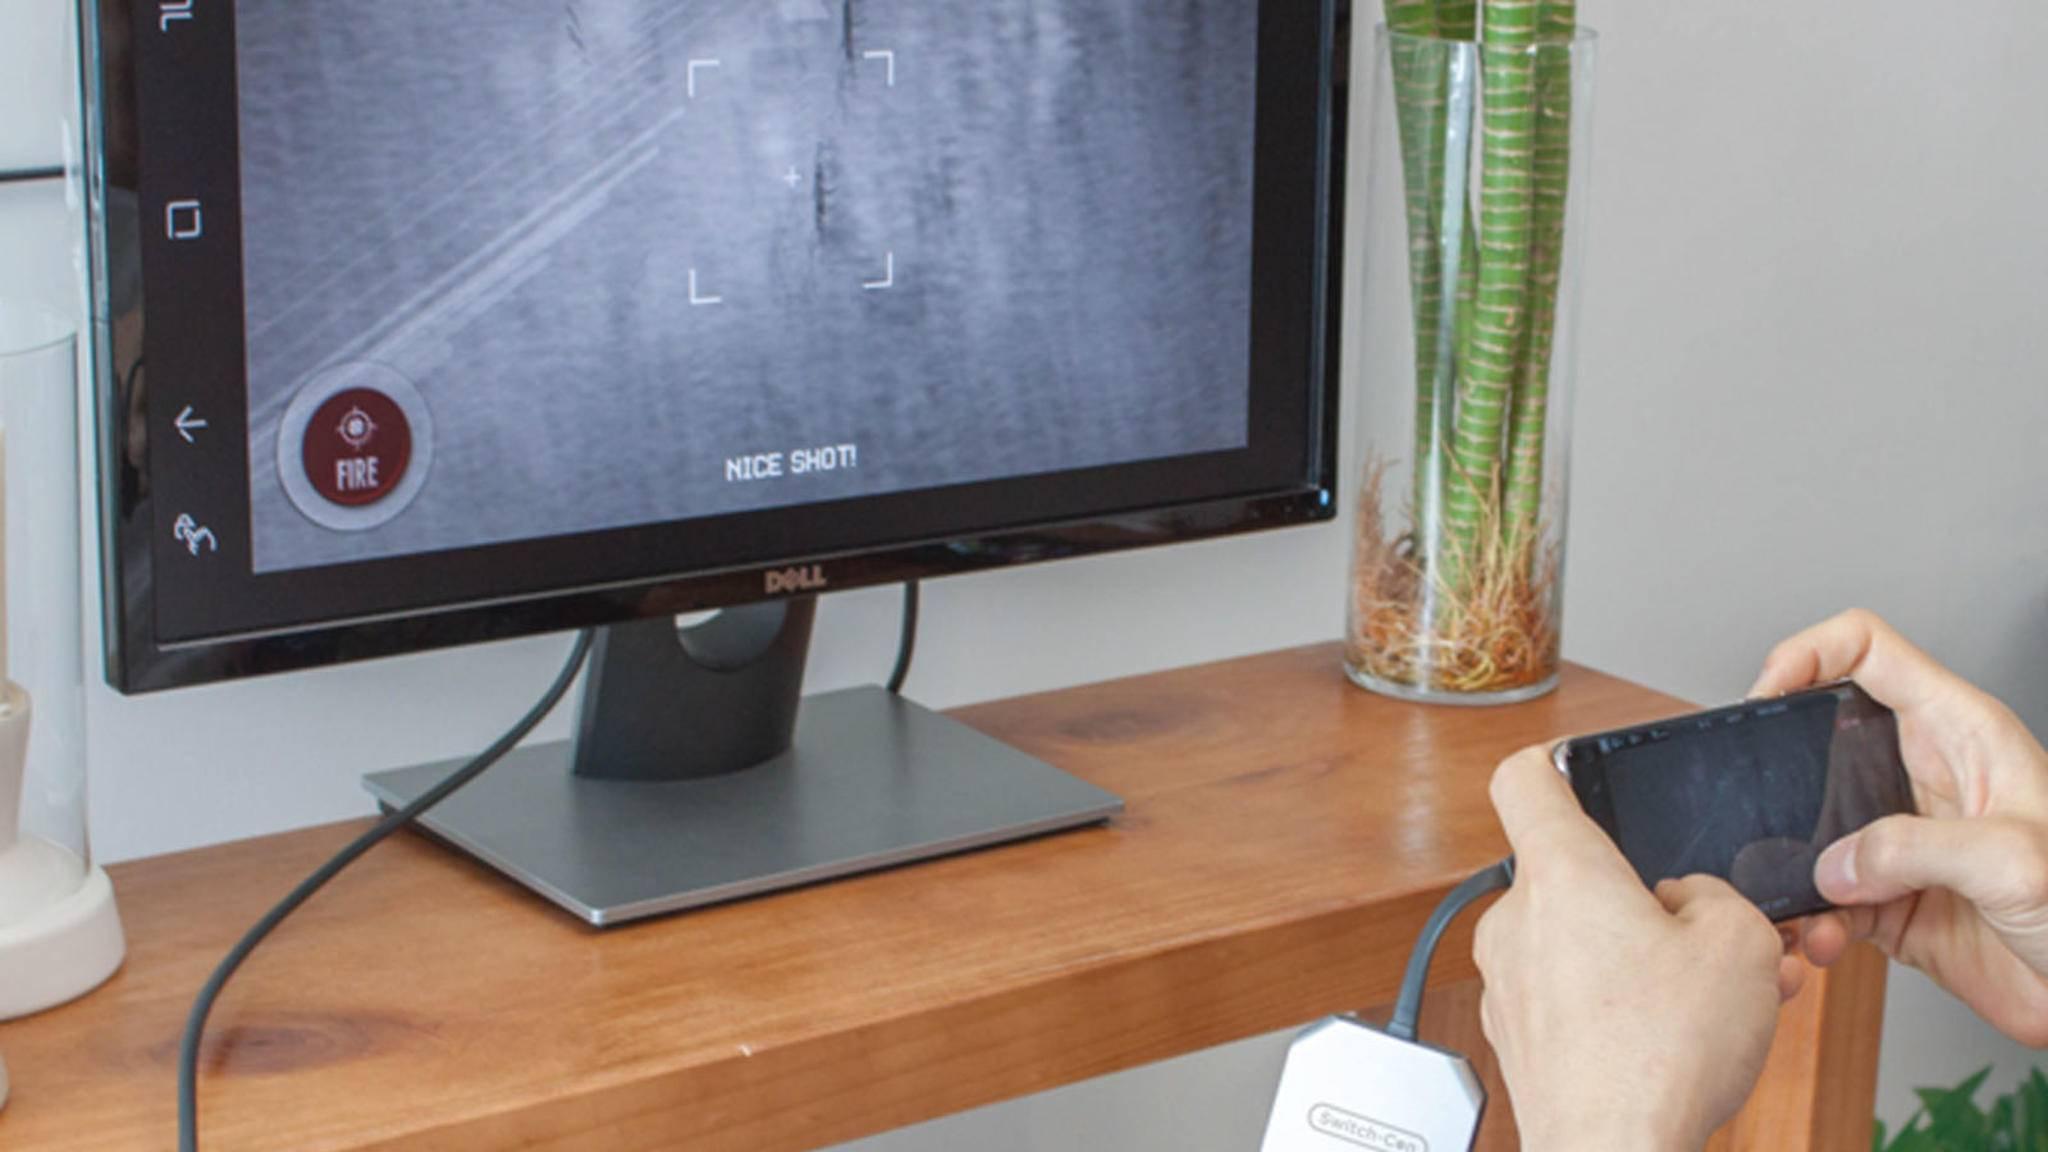 ... kann auch genutzt werden, um ein Galaxy S8 mit dem Fernseher zu verbinden ...